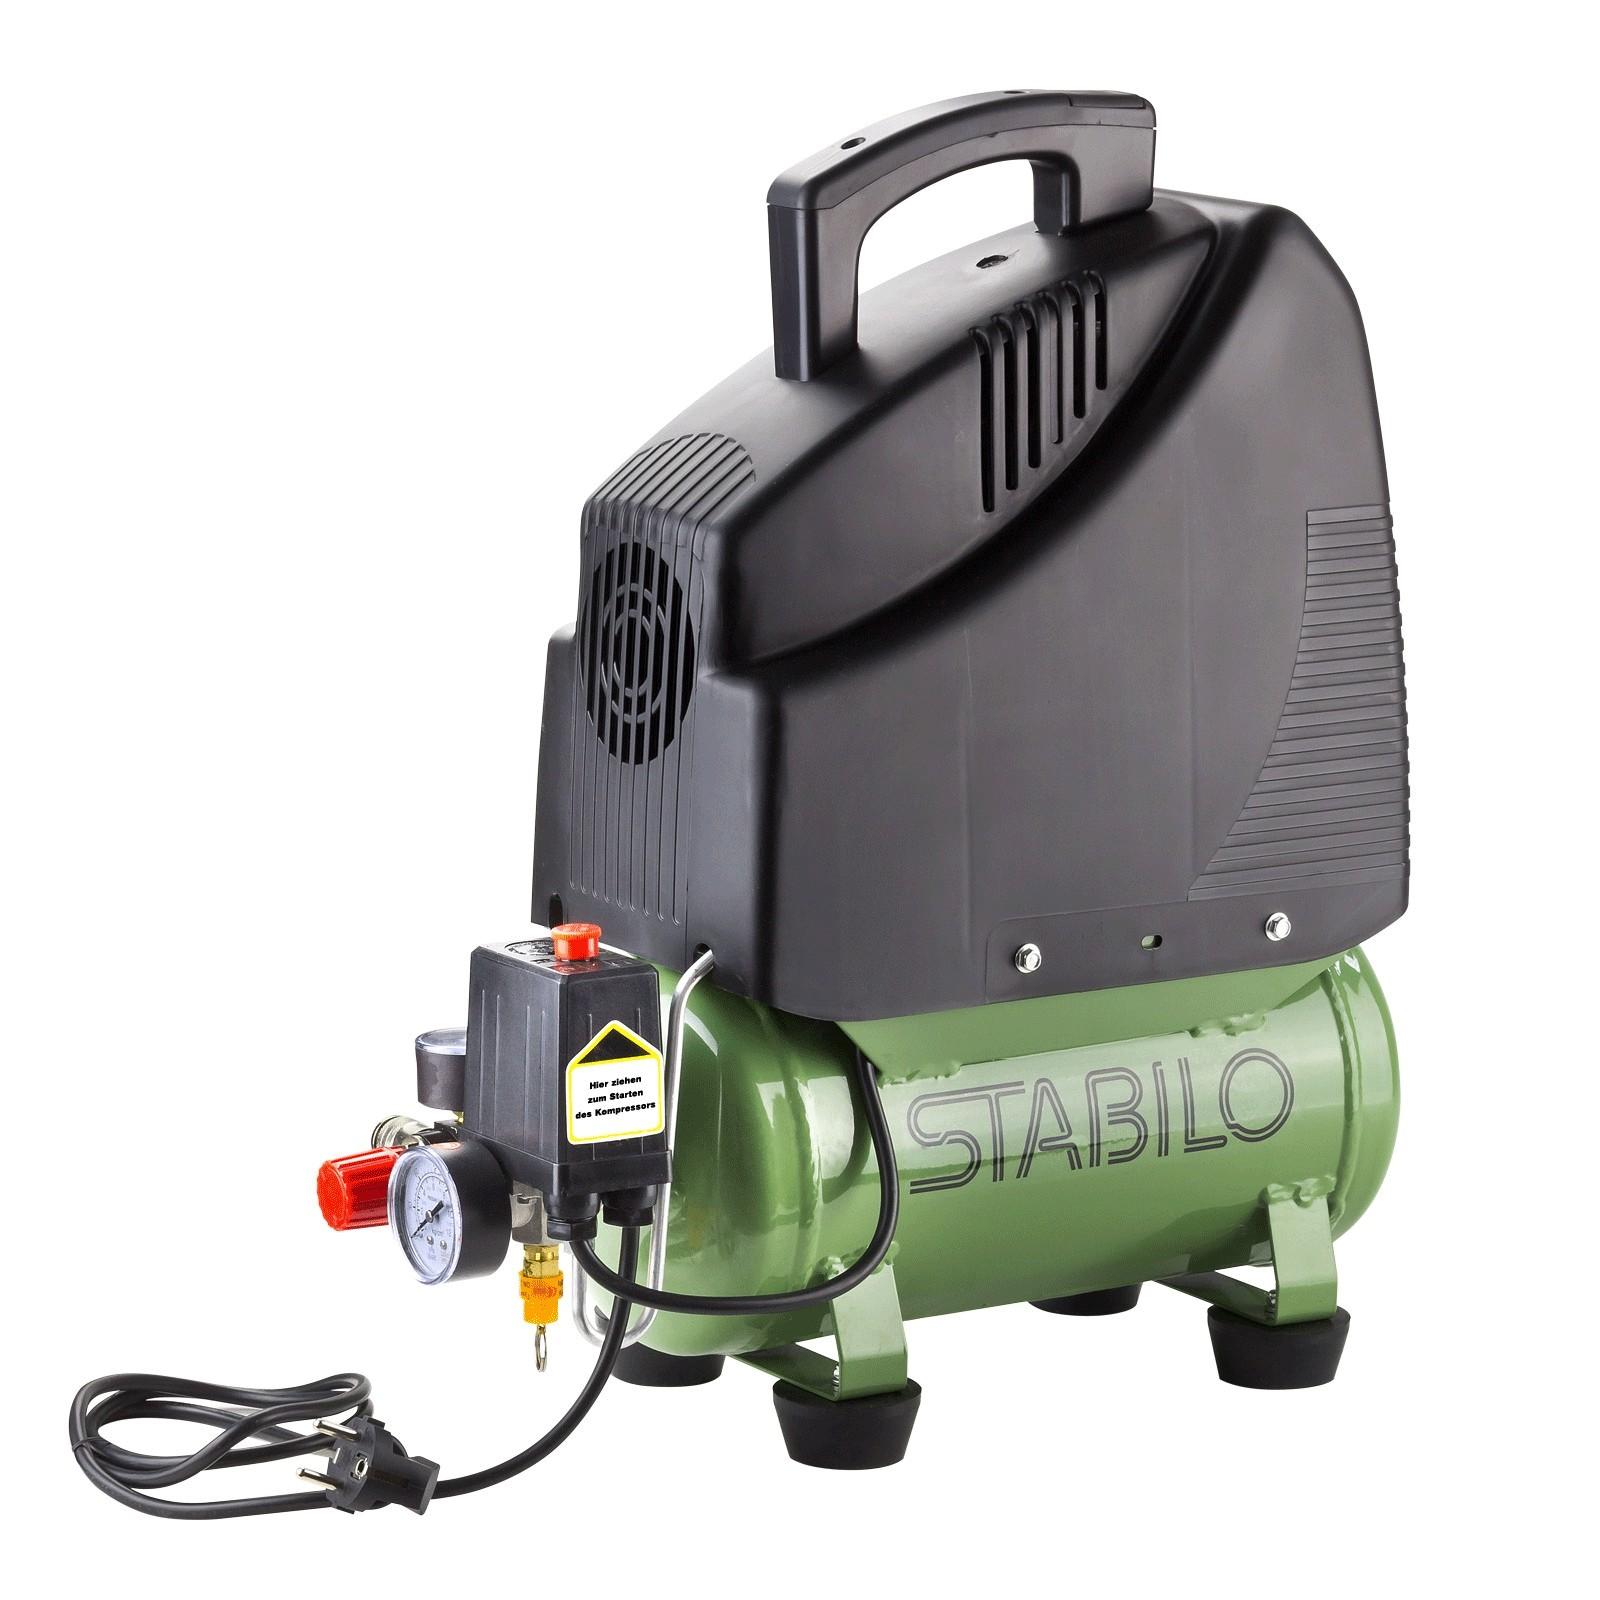 STABILO Kompressor / Kolbenkompressor 160/8/6 OF 24197